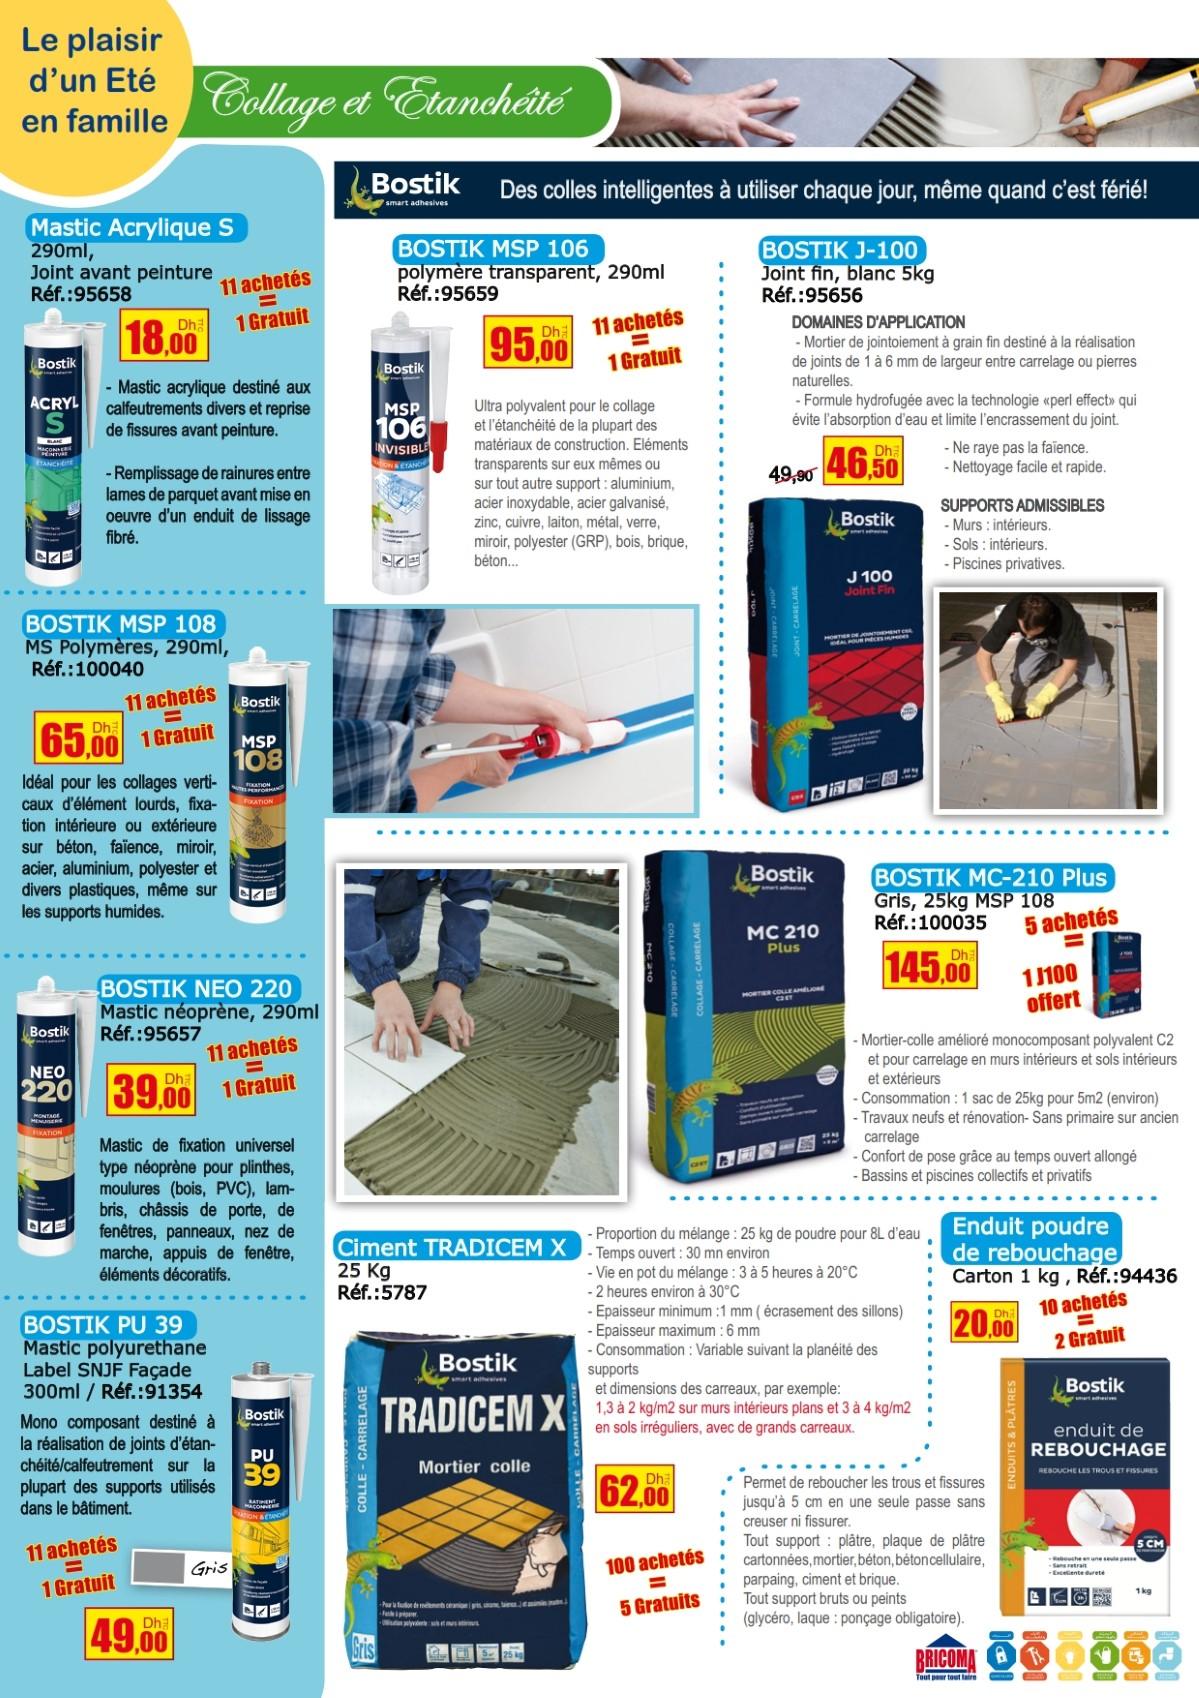 brochure_N_47_interactif_022